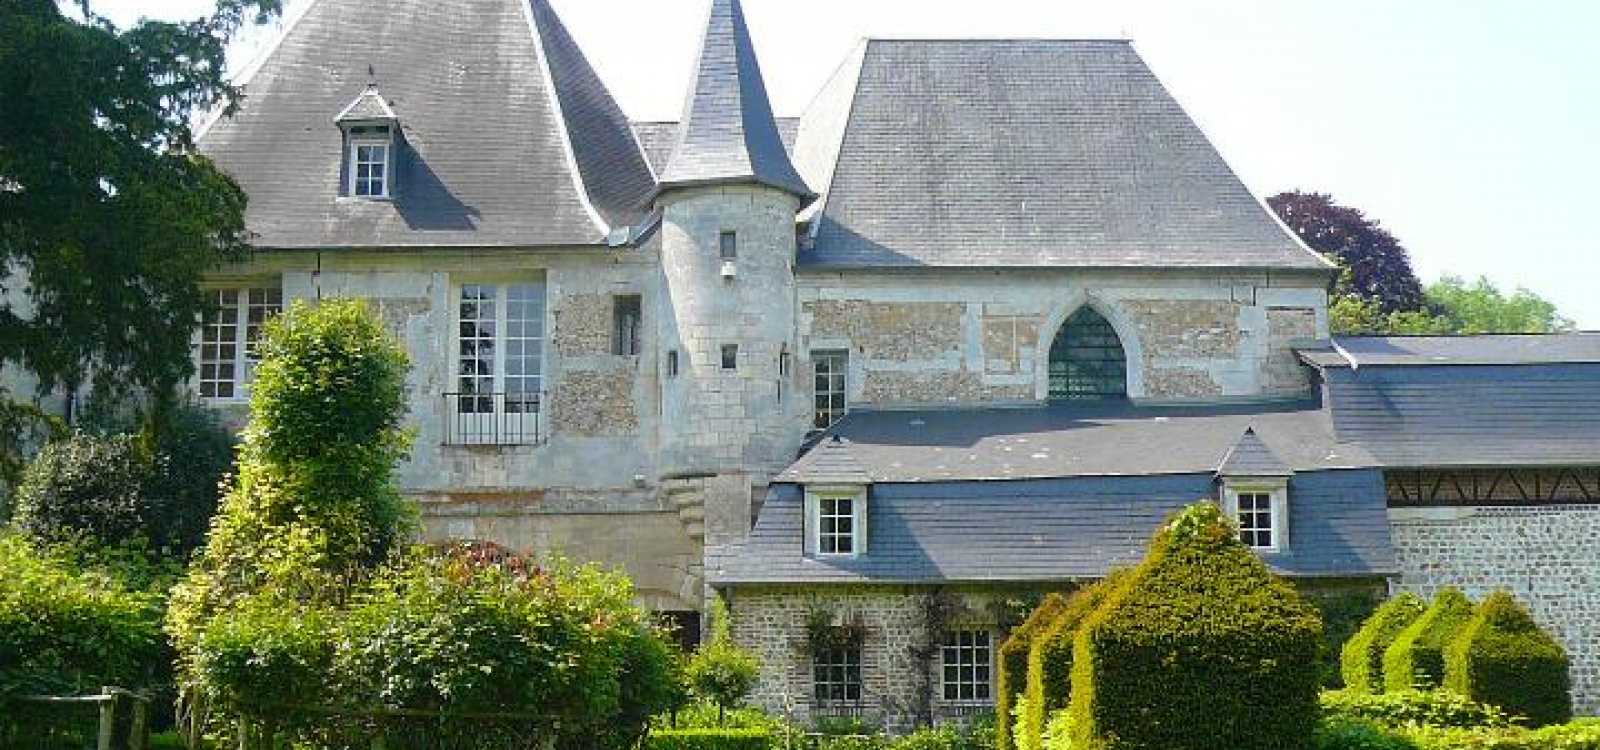 Pont-Audemer,Eure,France,Château,1001